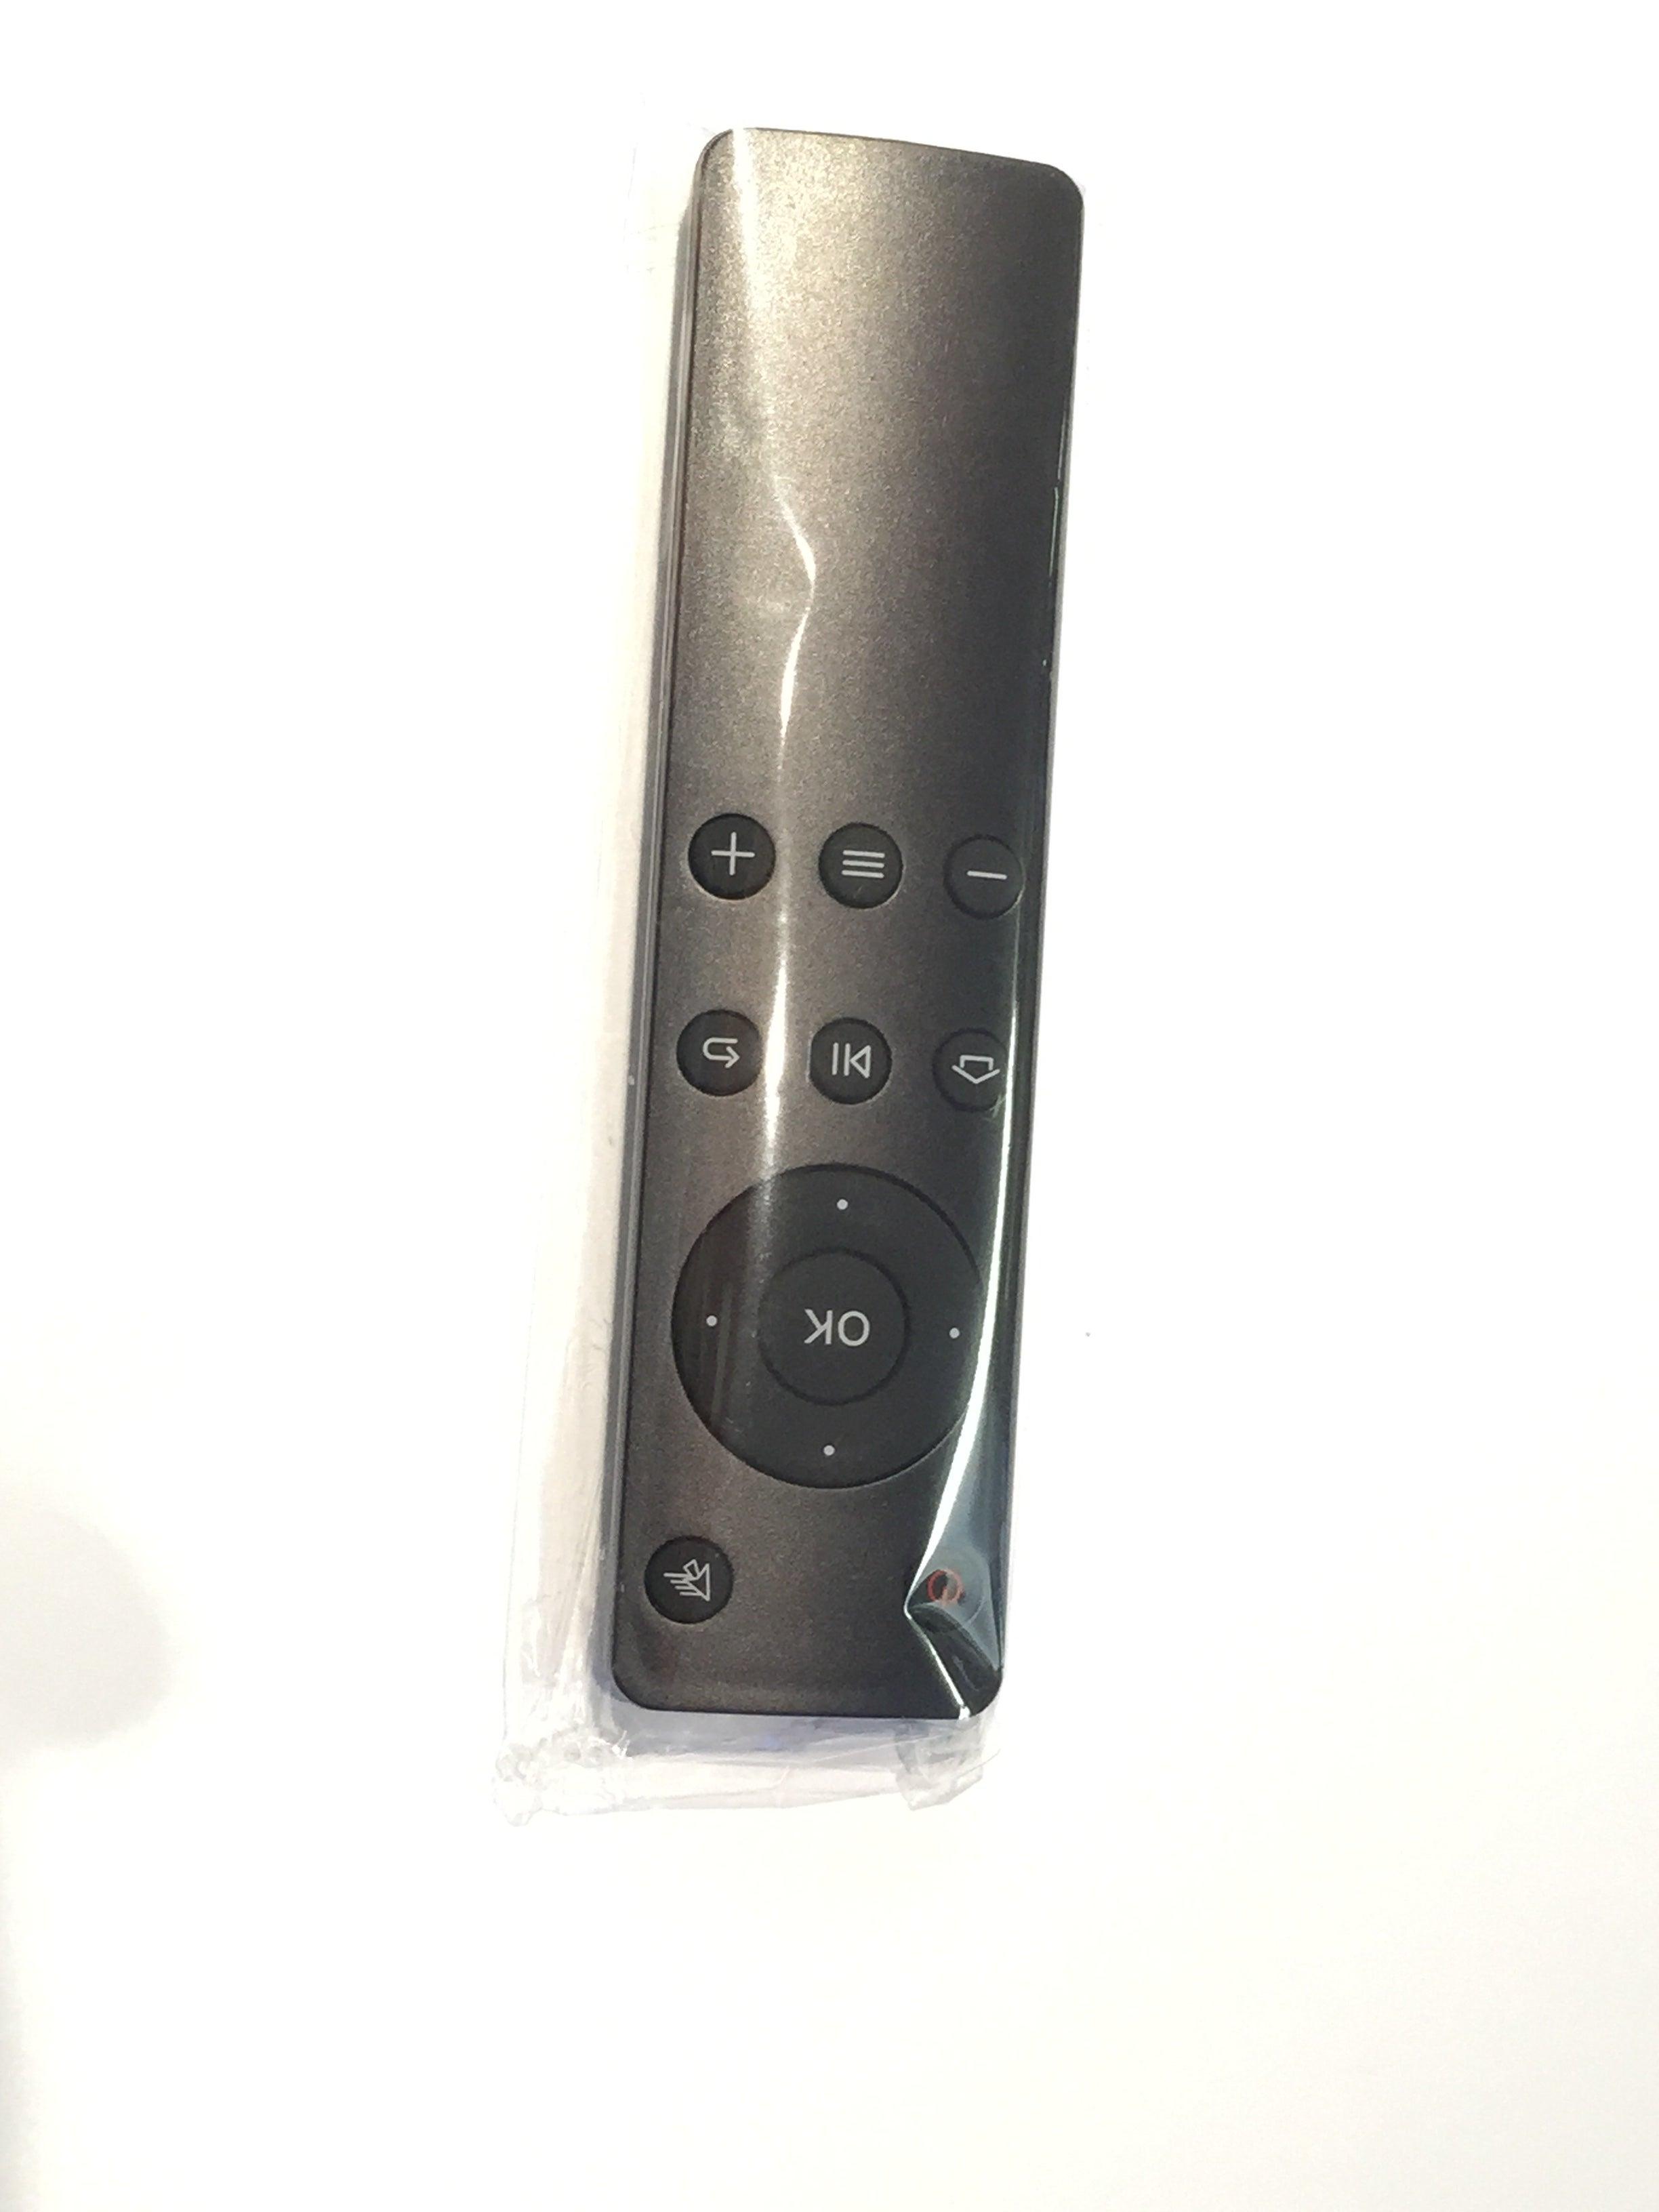 The MagixBox — Magix Box Replacement Remote